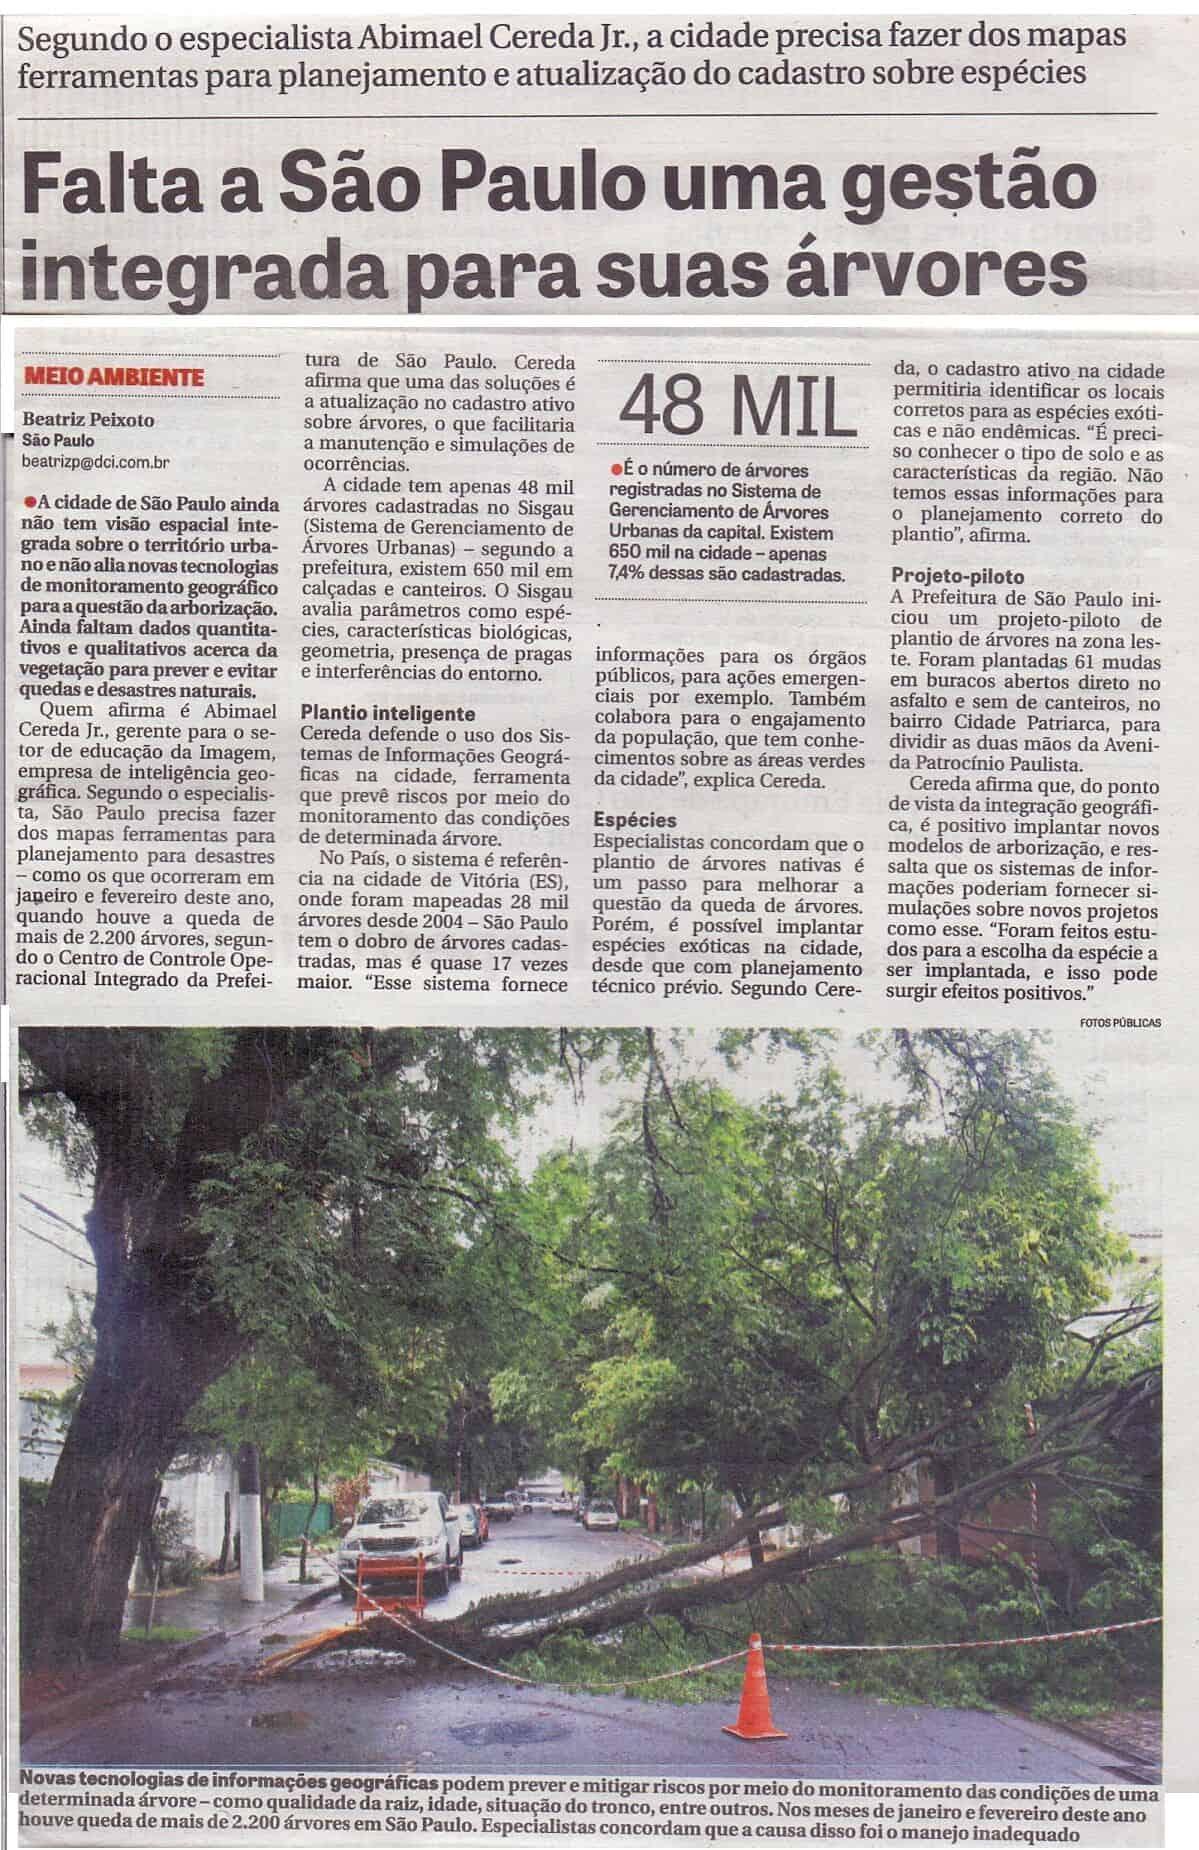 Falta a São Paulo uma gestão integrada para suas árvores